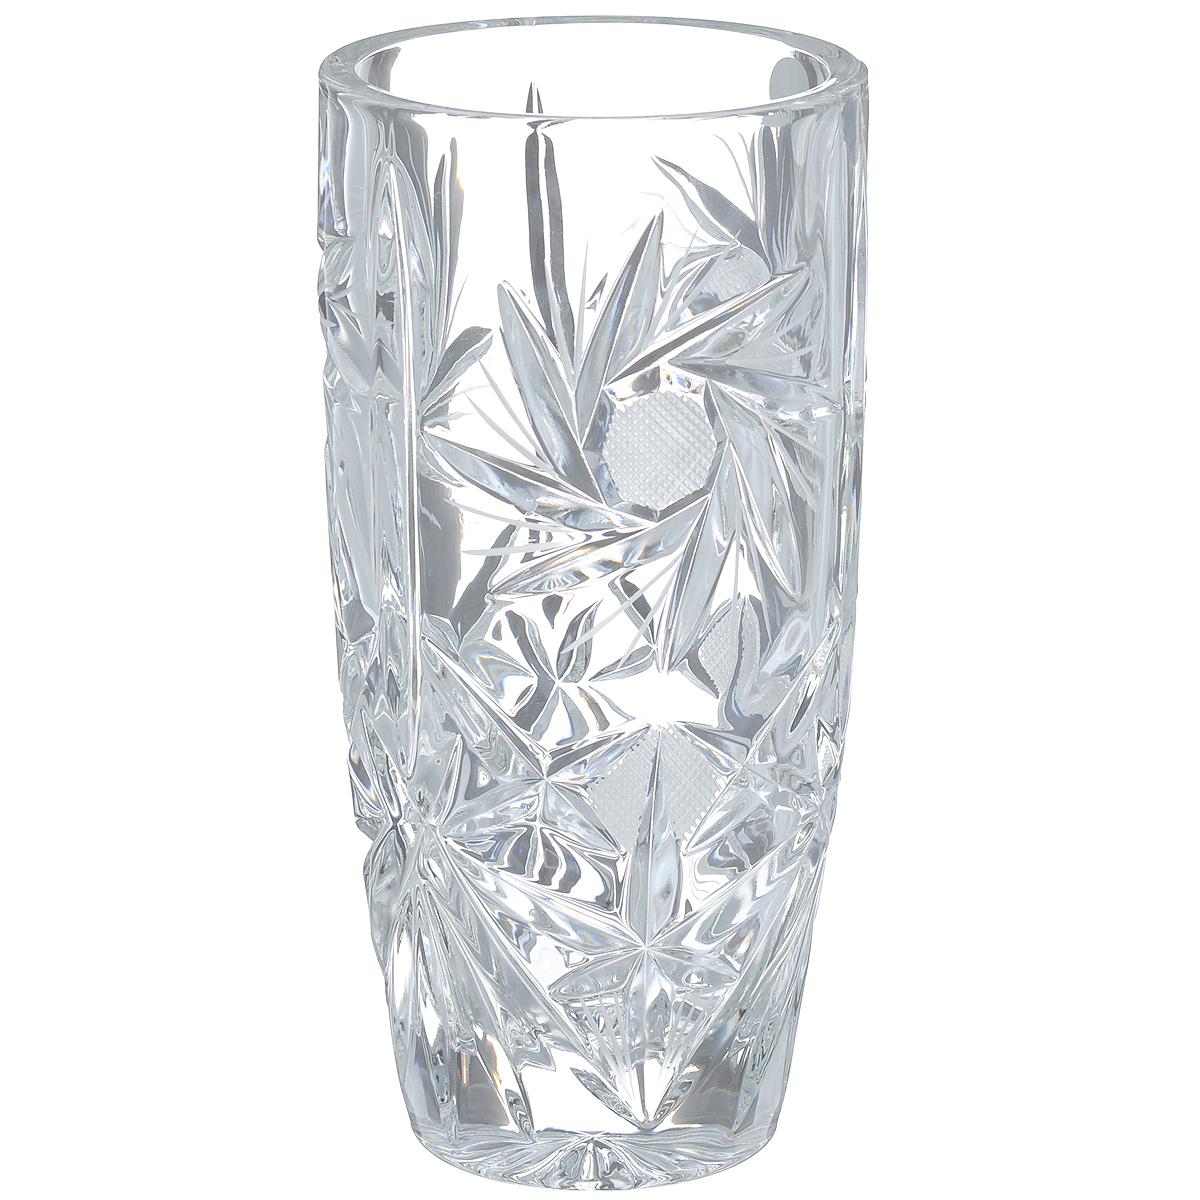 Ваза Crystal Bohemia, высота 20,5 см860/81003/0/49601/205-109Изящная ваза Crystal Bohemia изготовлена из хрусталя. Ваза оформлена красивым рельефным рисунком, что делает ее изящным украшением интерьера. Ваза Crystal Bohemia дополнит интерьер офиса или дома и станет желанным и стильным подарком.